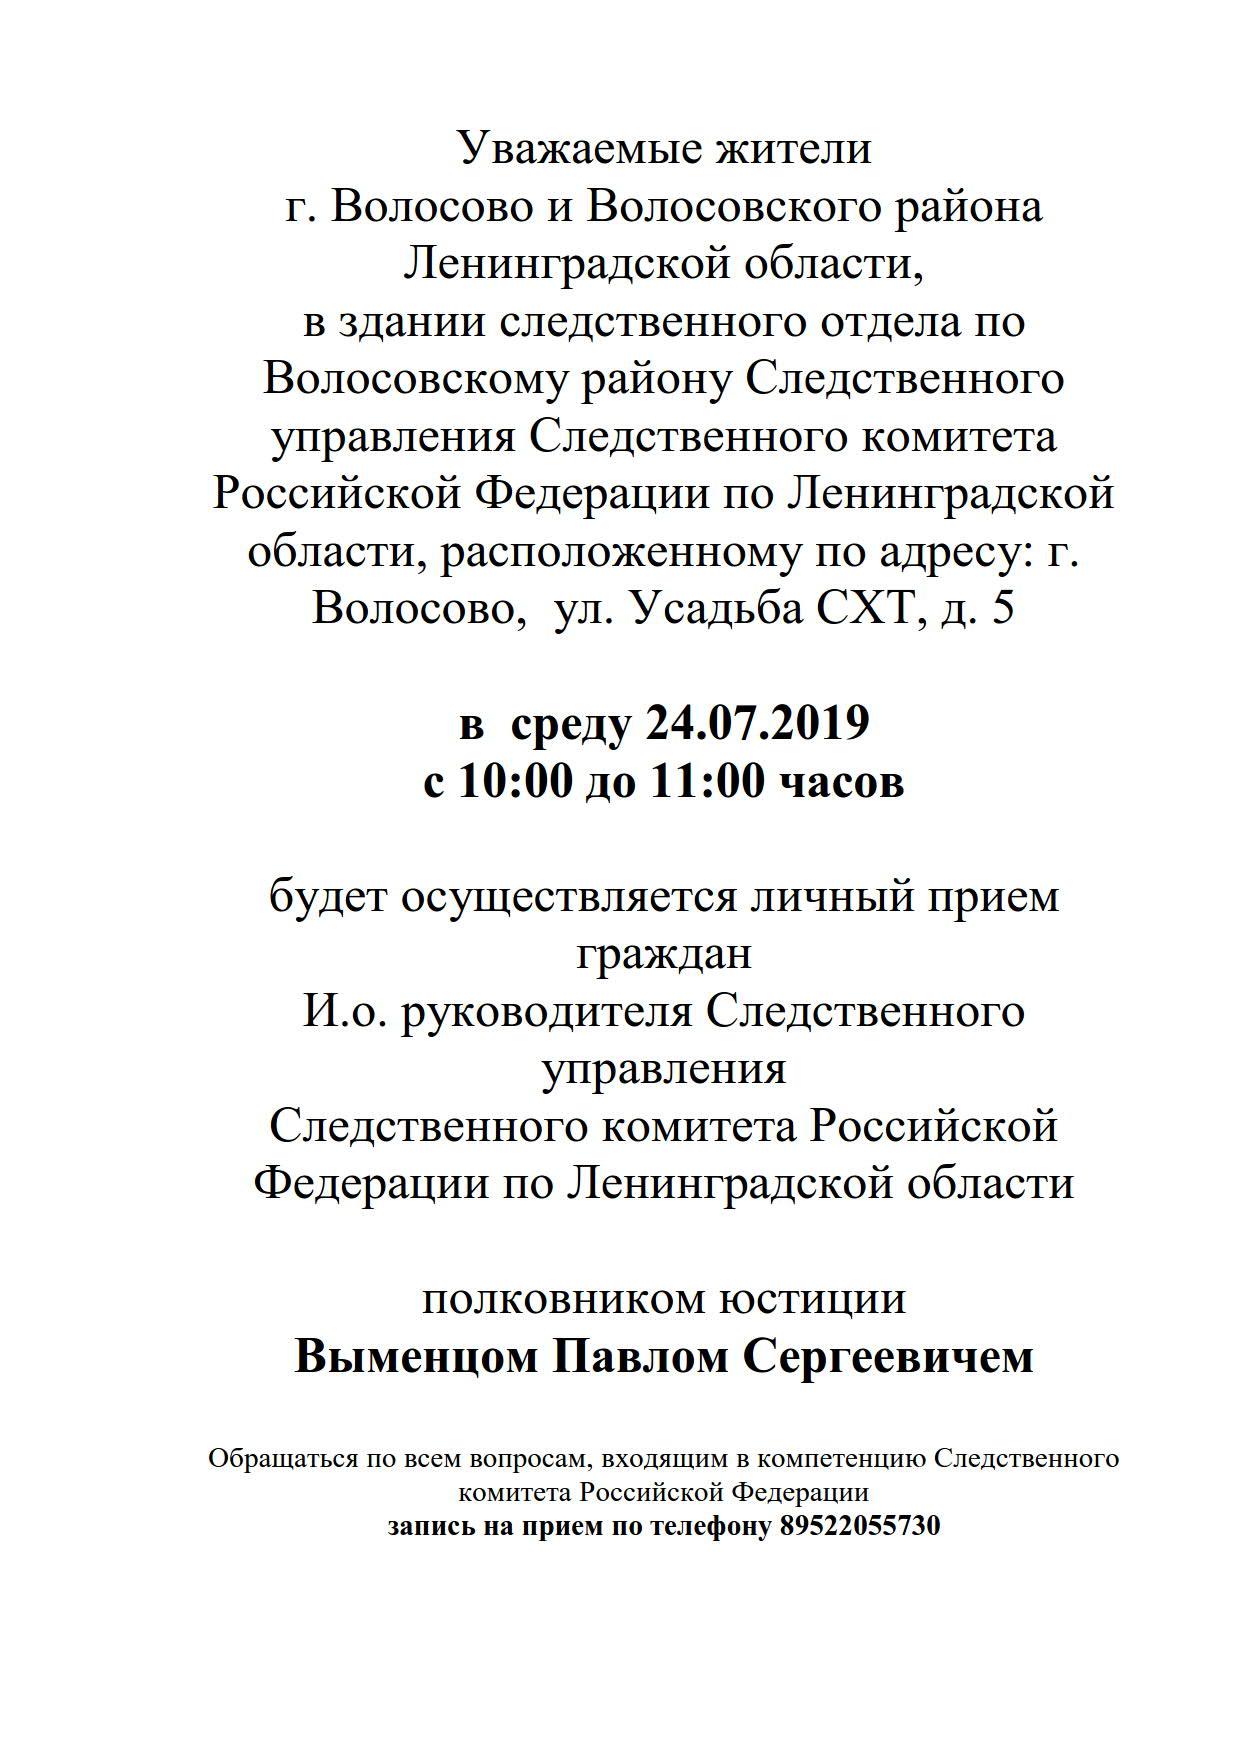 прием граждан Выменец П.С. 24.07.2019_1